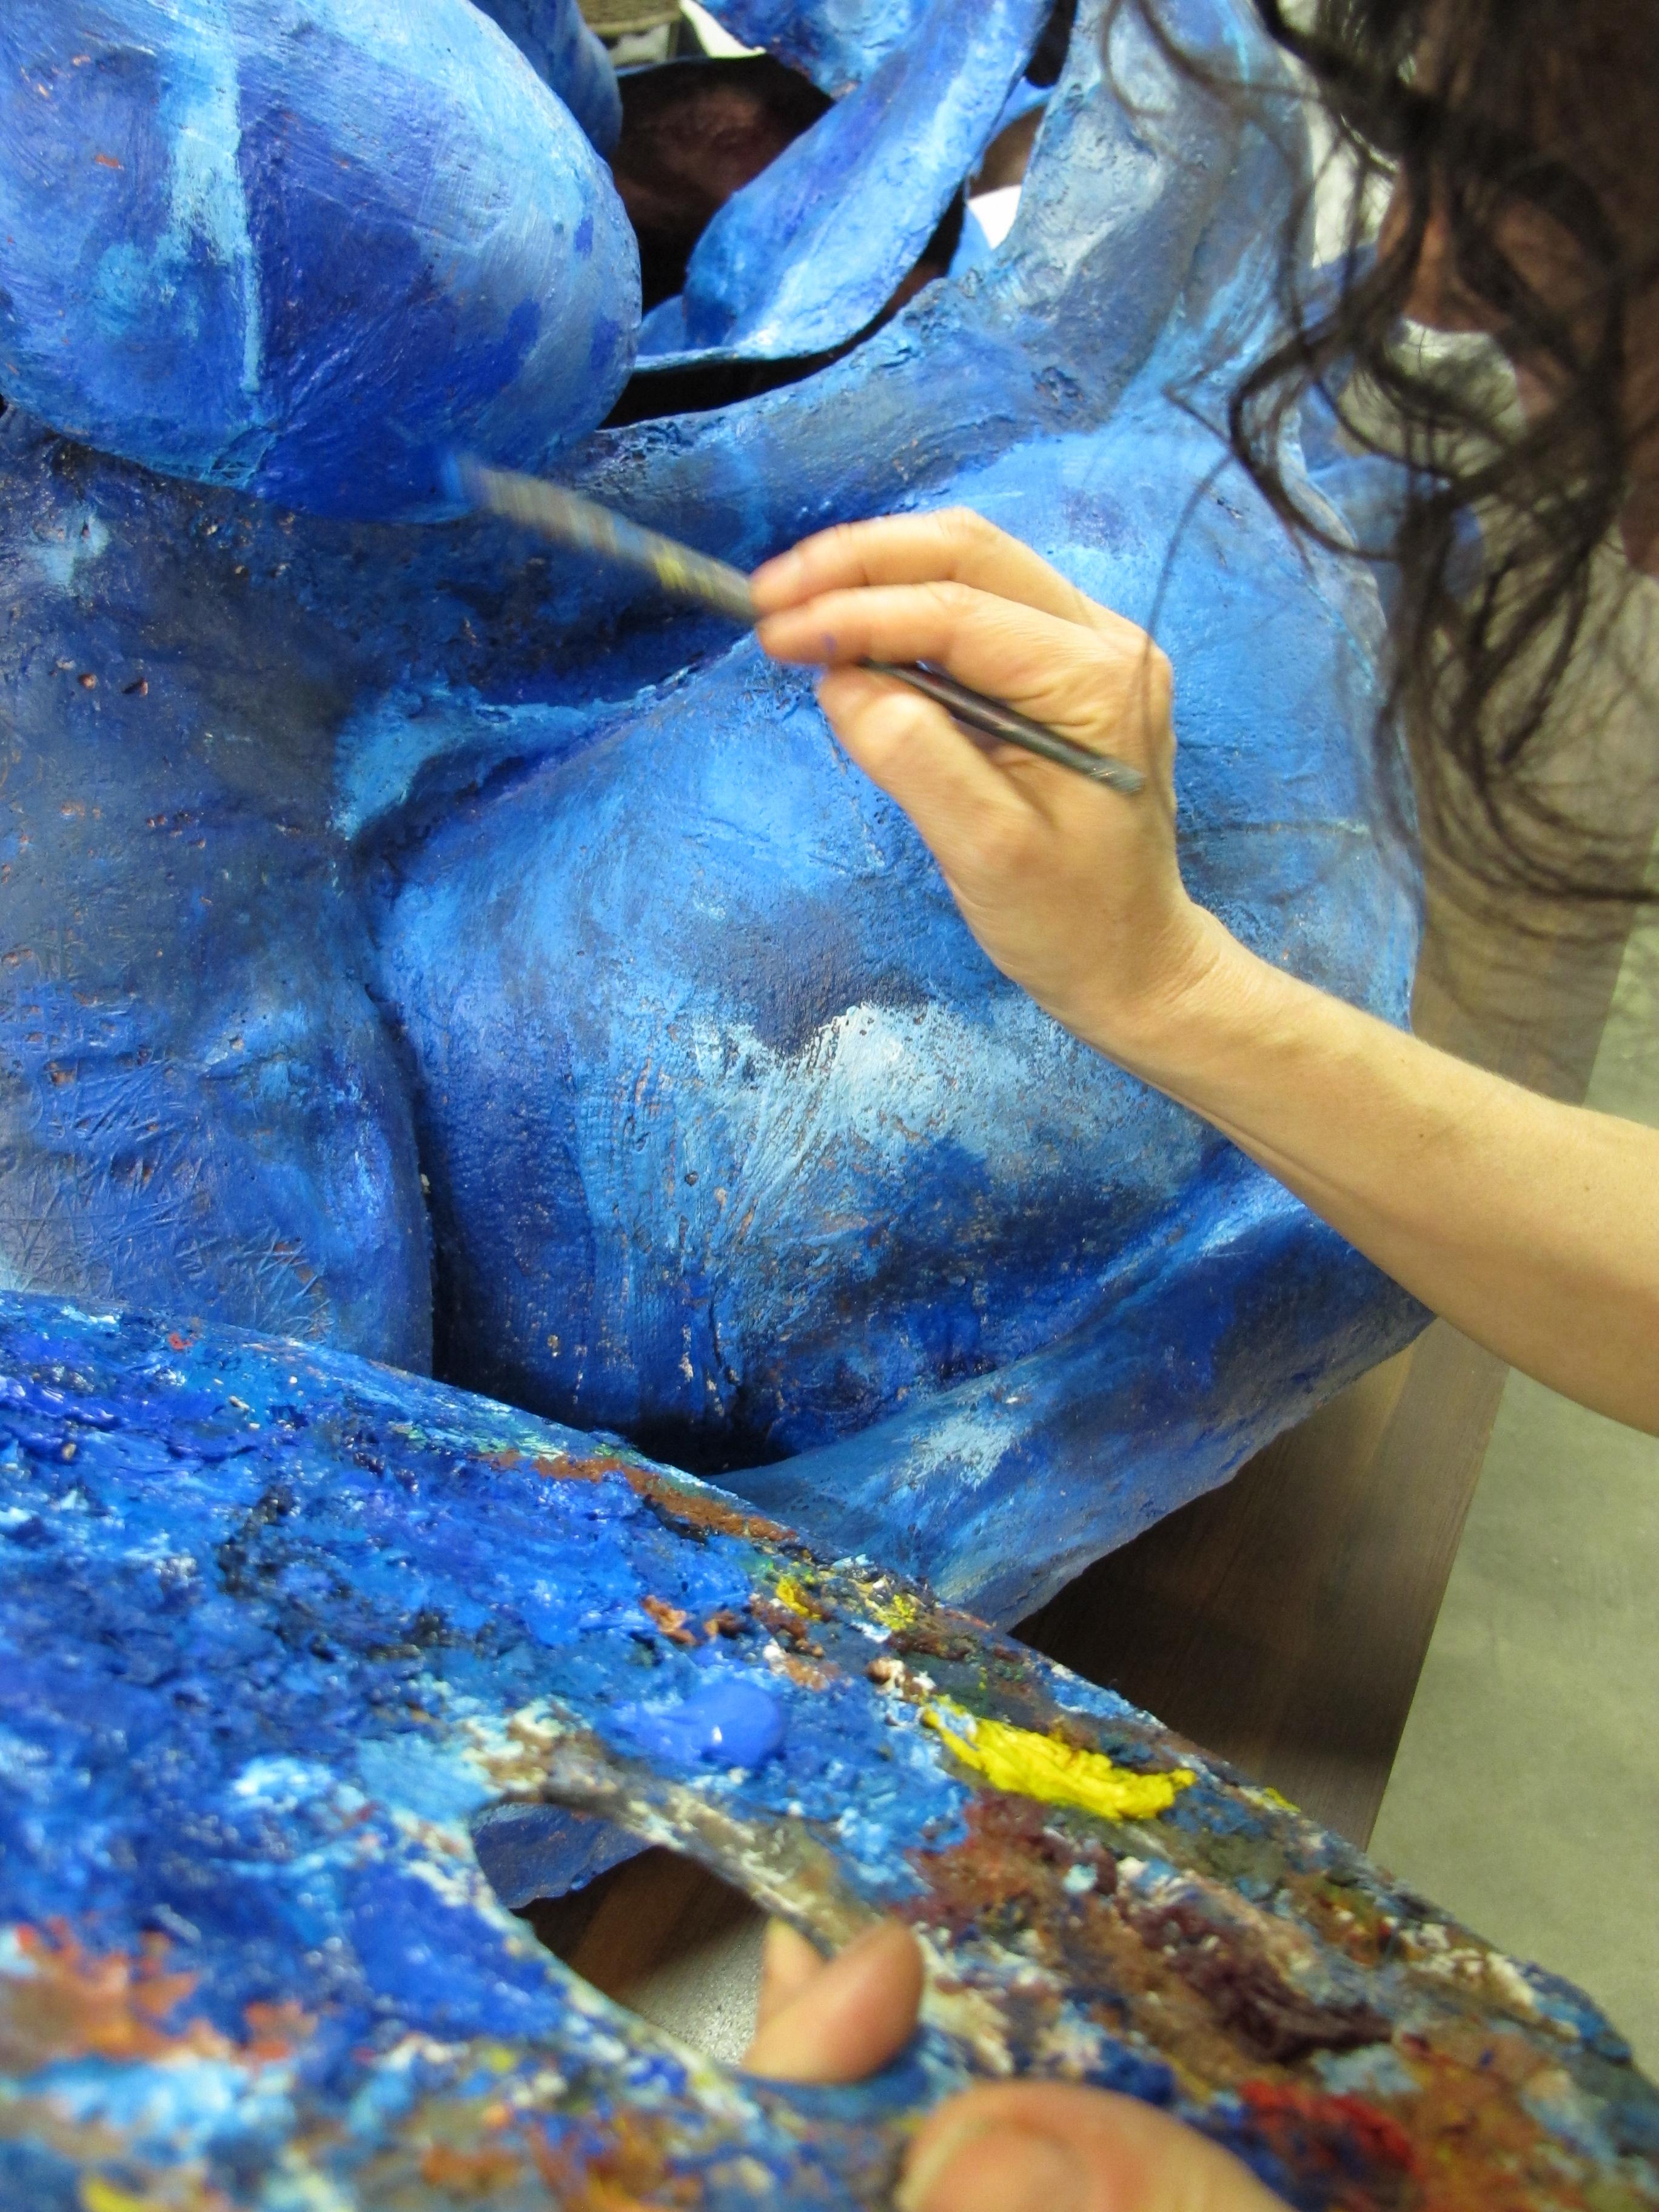 Audrey_Landell_pintando_sobre_a_instalação_Suporte-se_casal